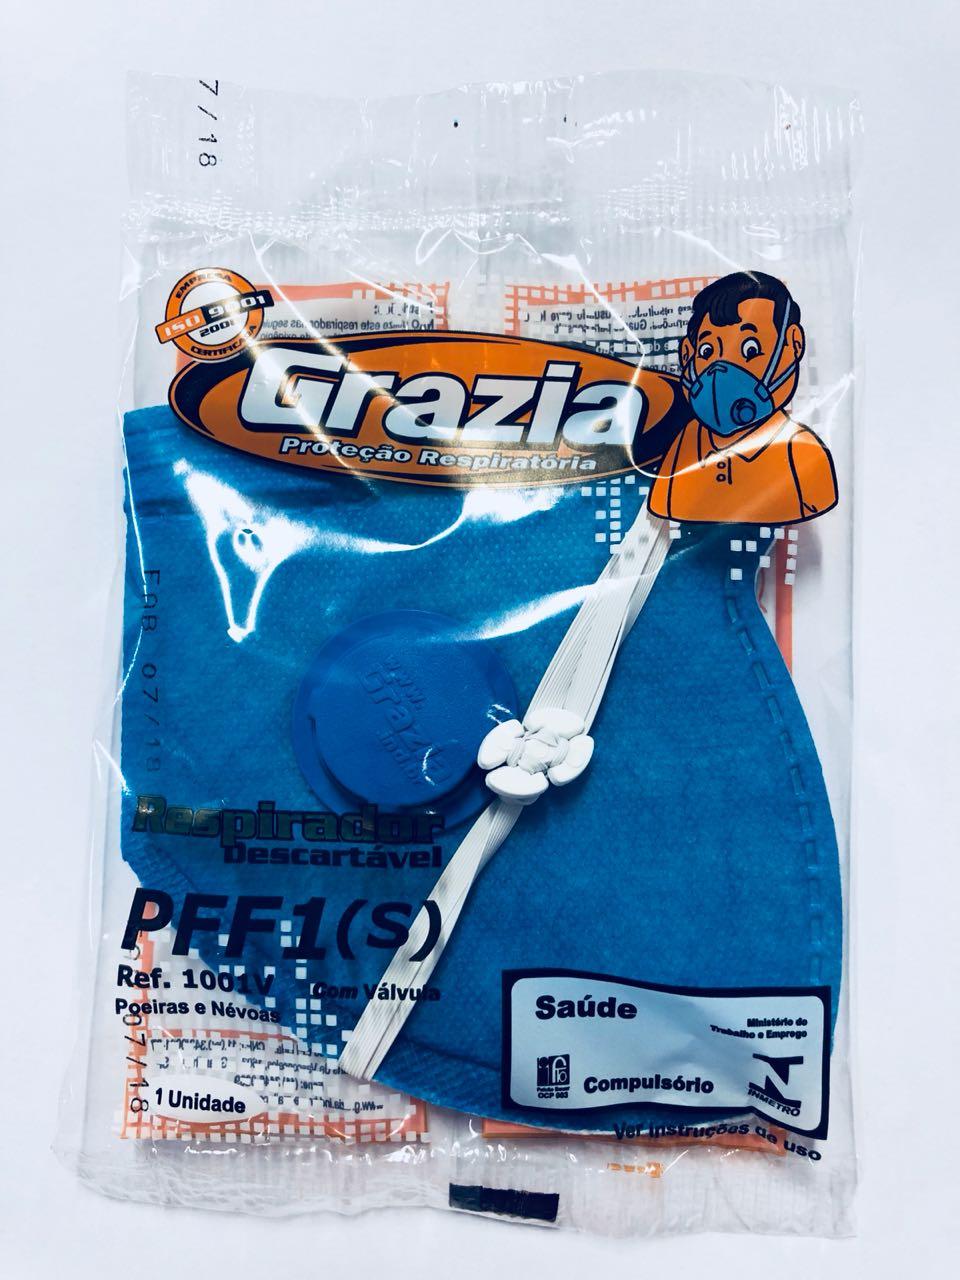 Respirador Descartável PFF1 c/ Válvula - Grazia